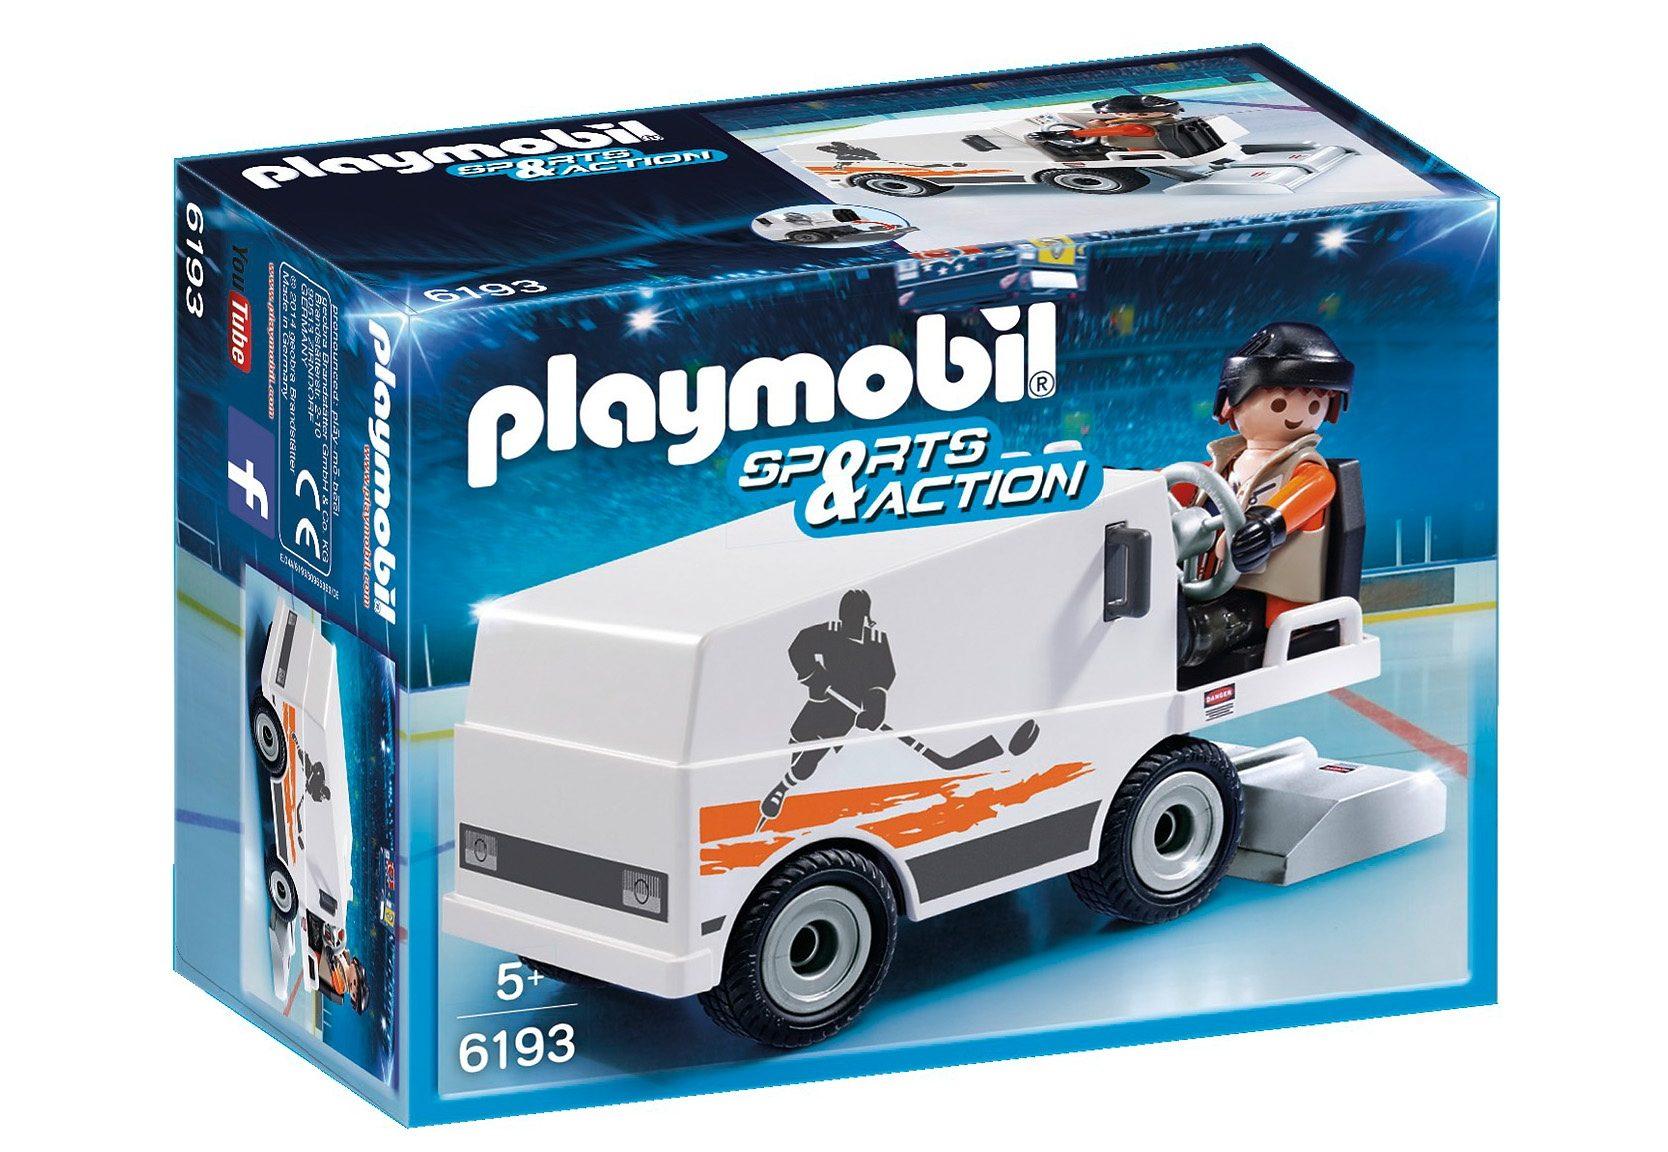 Playmobil® Eisbearbeitungsmaschine (6193), Sport & Action